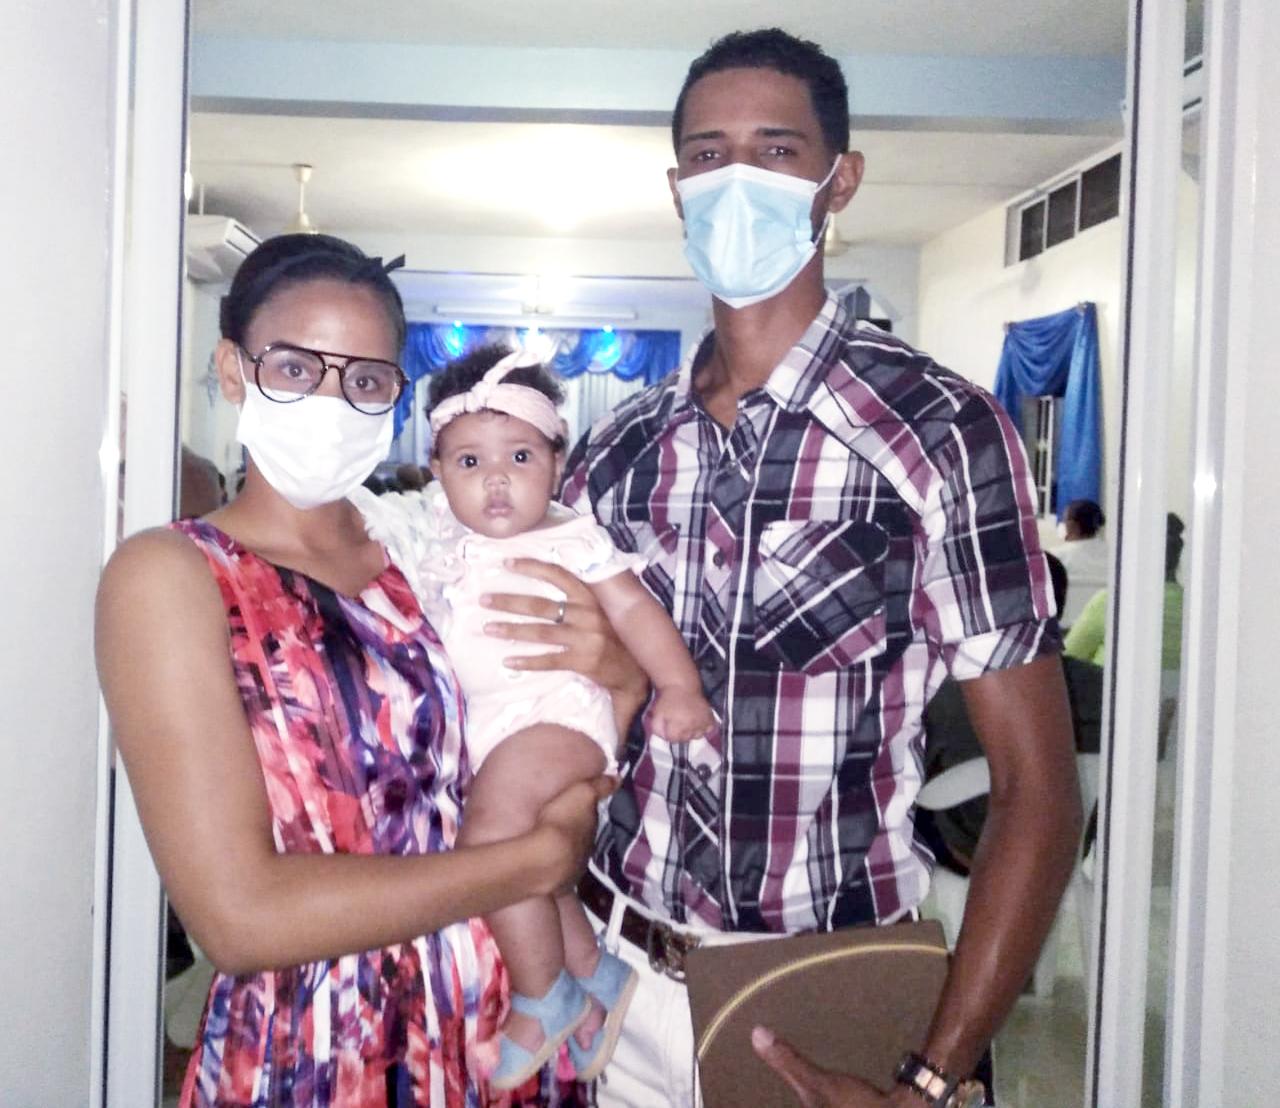 Jose Rafael (JR) & his family